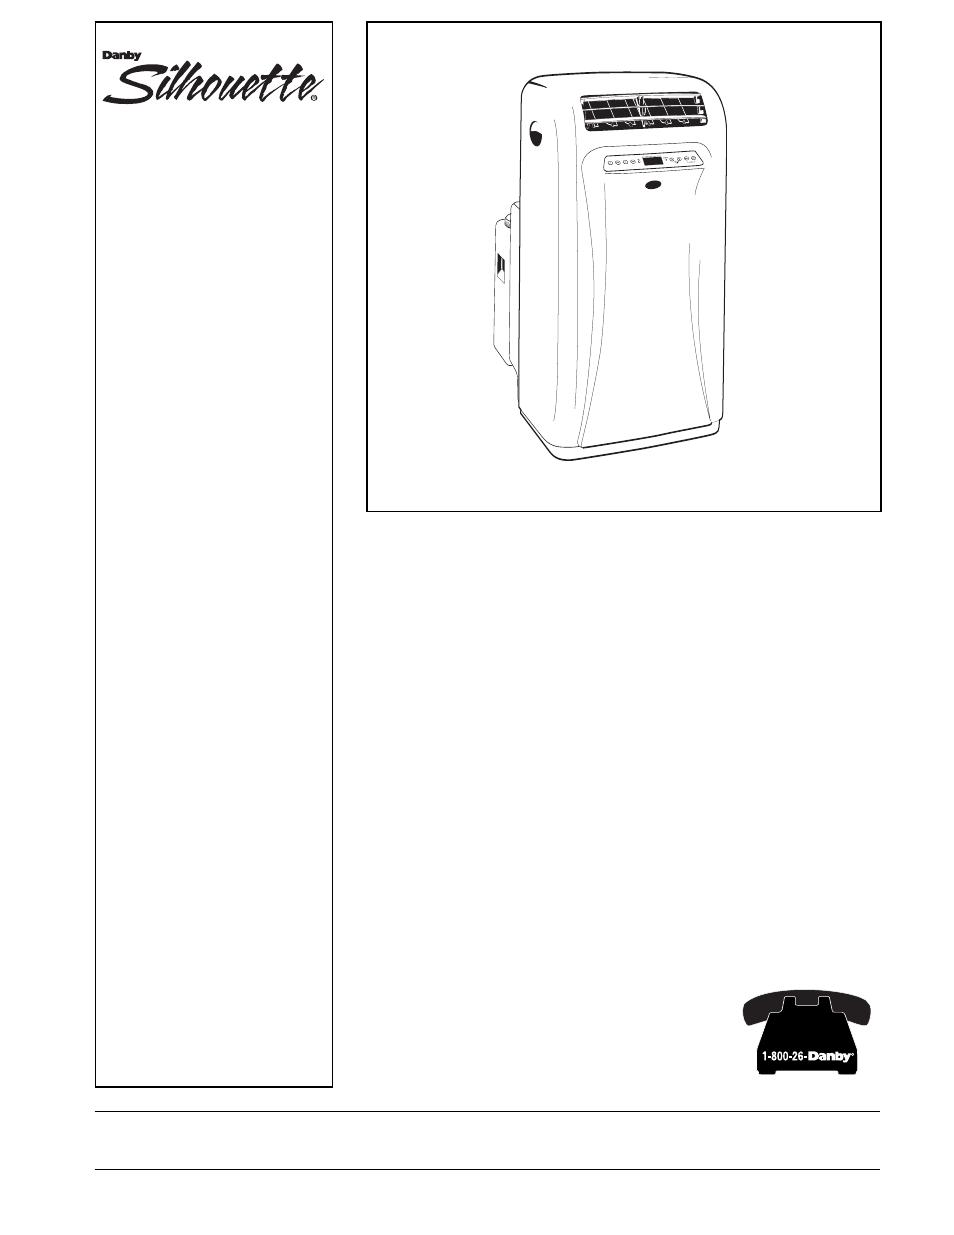 Dpac8kdb | danby 8000 btu portable air conditioner | en-us.